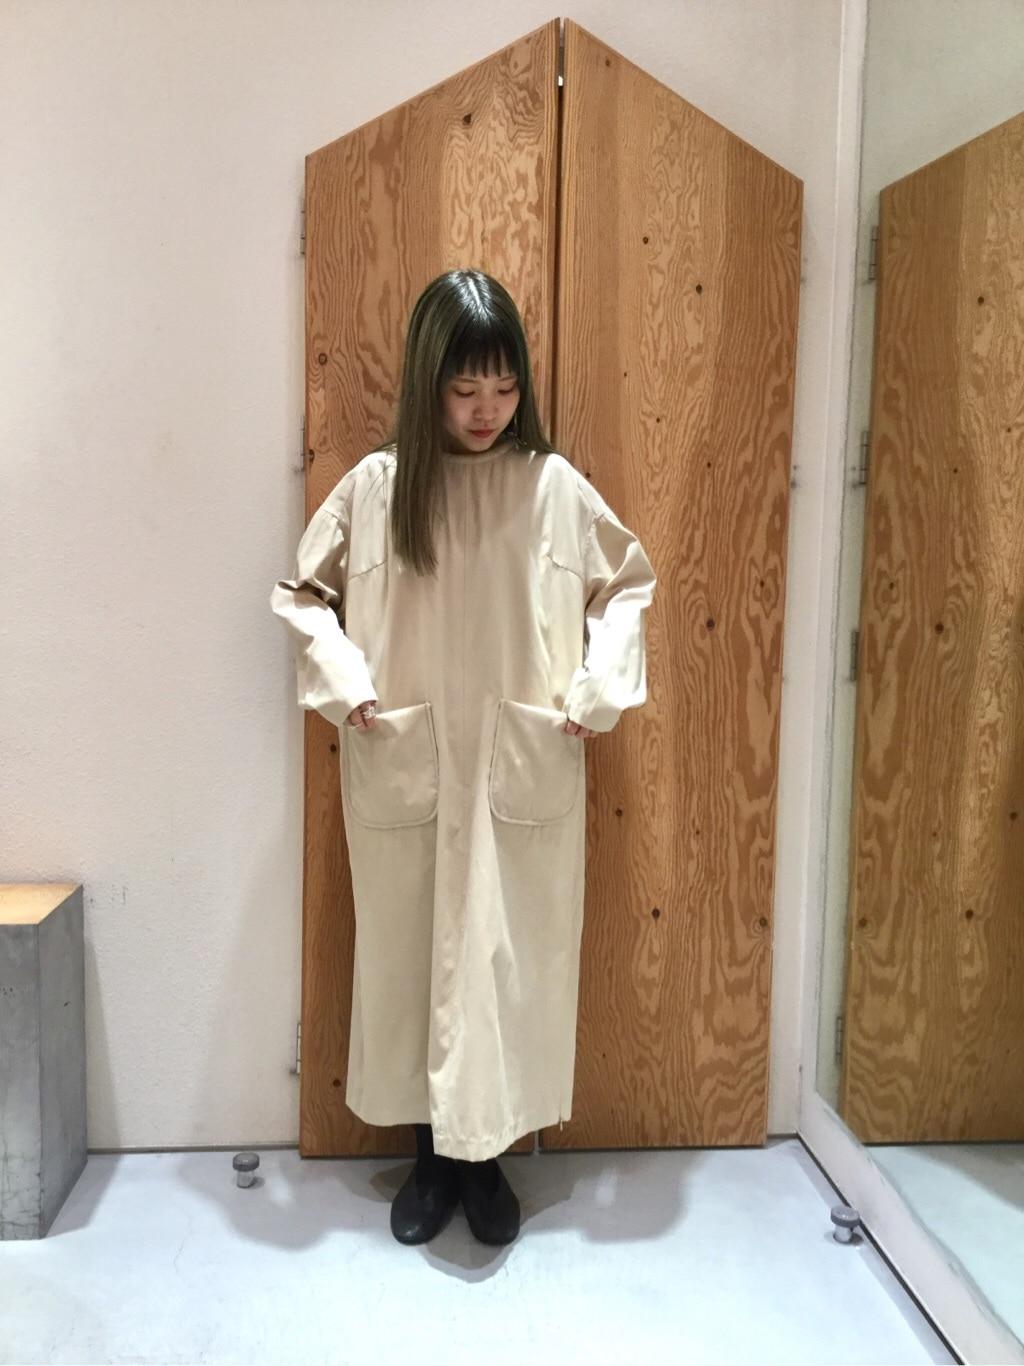 l'atelier du savon グランフロント大阪 身長:155cm 2019.09.05